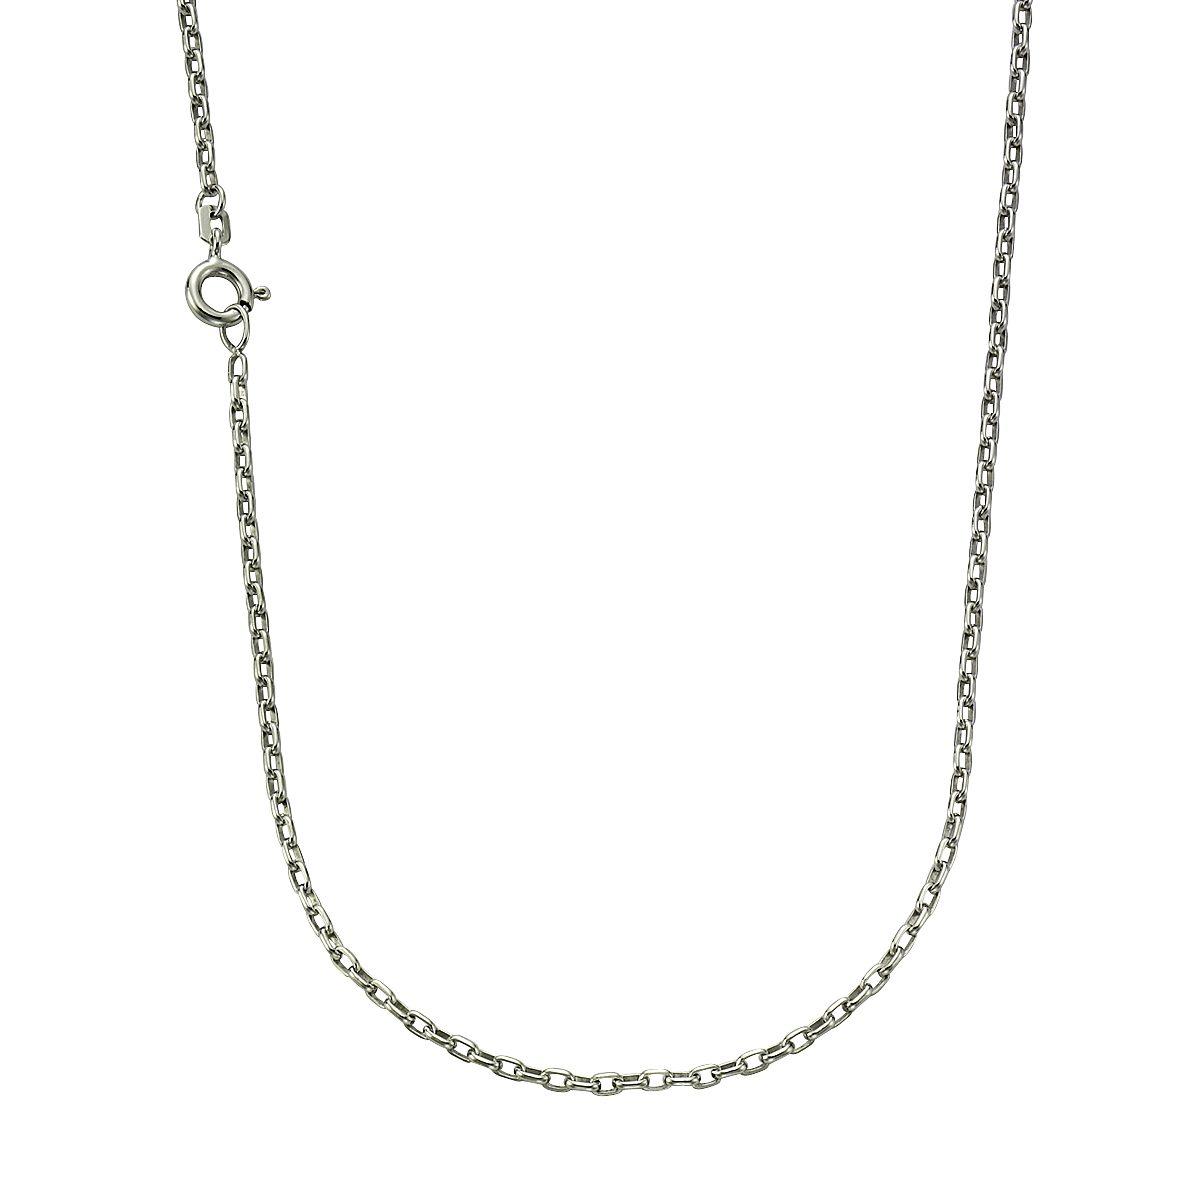 Zeeme Collier »925/- Sterling Silber Ankerkette 60cm«